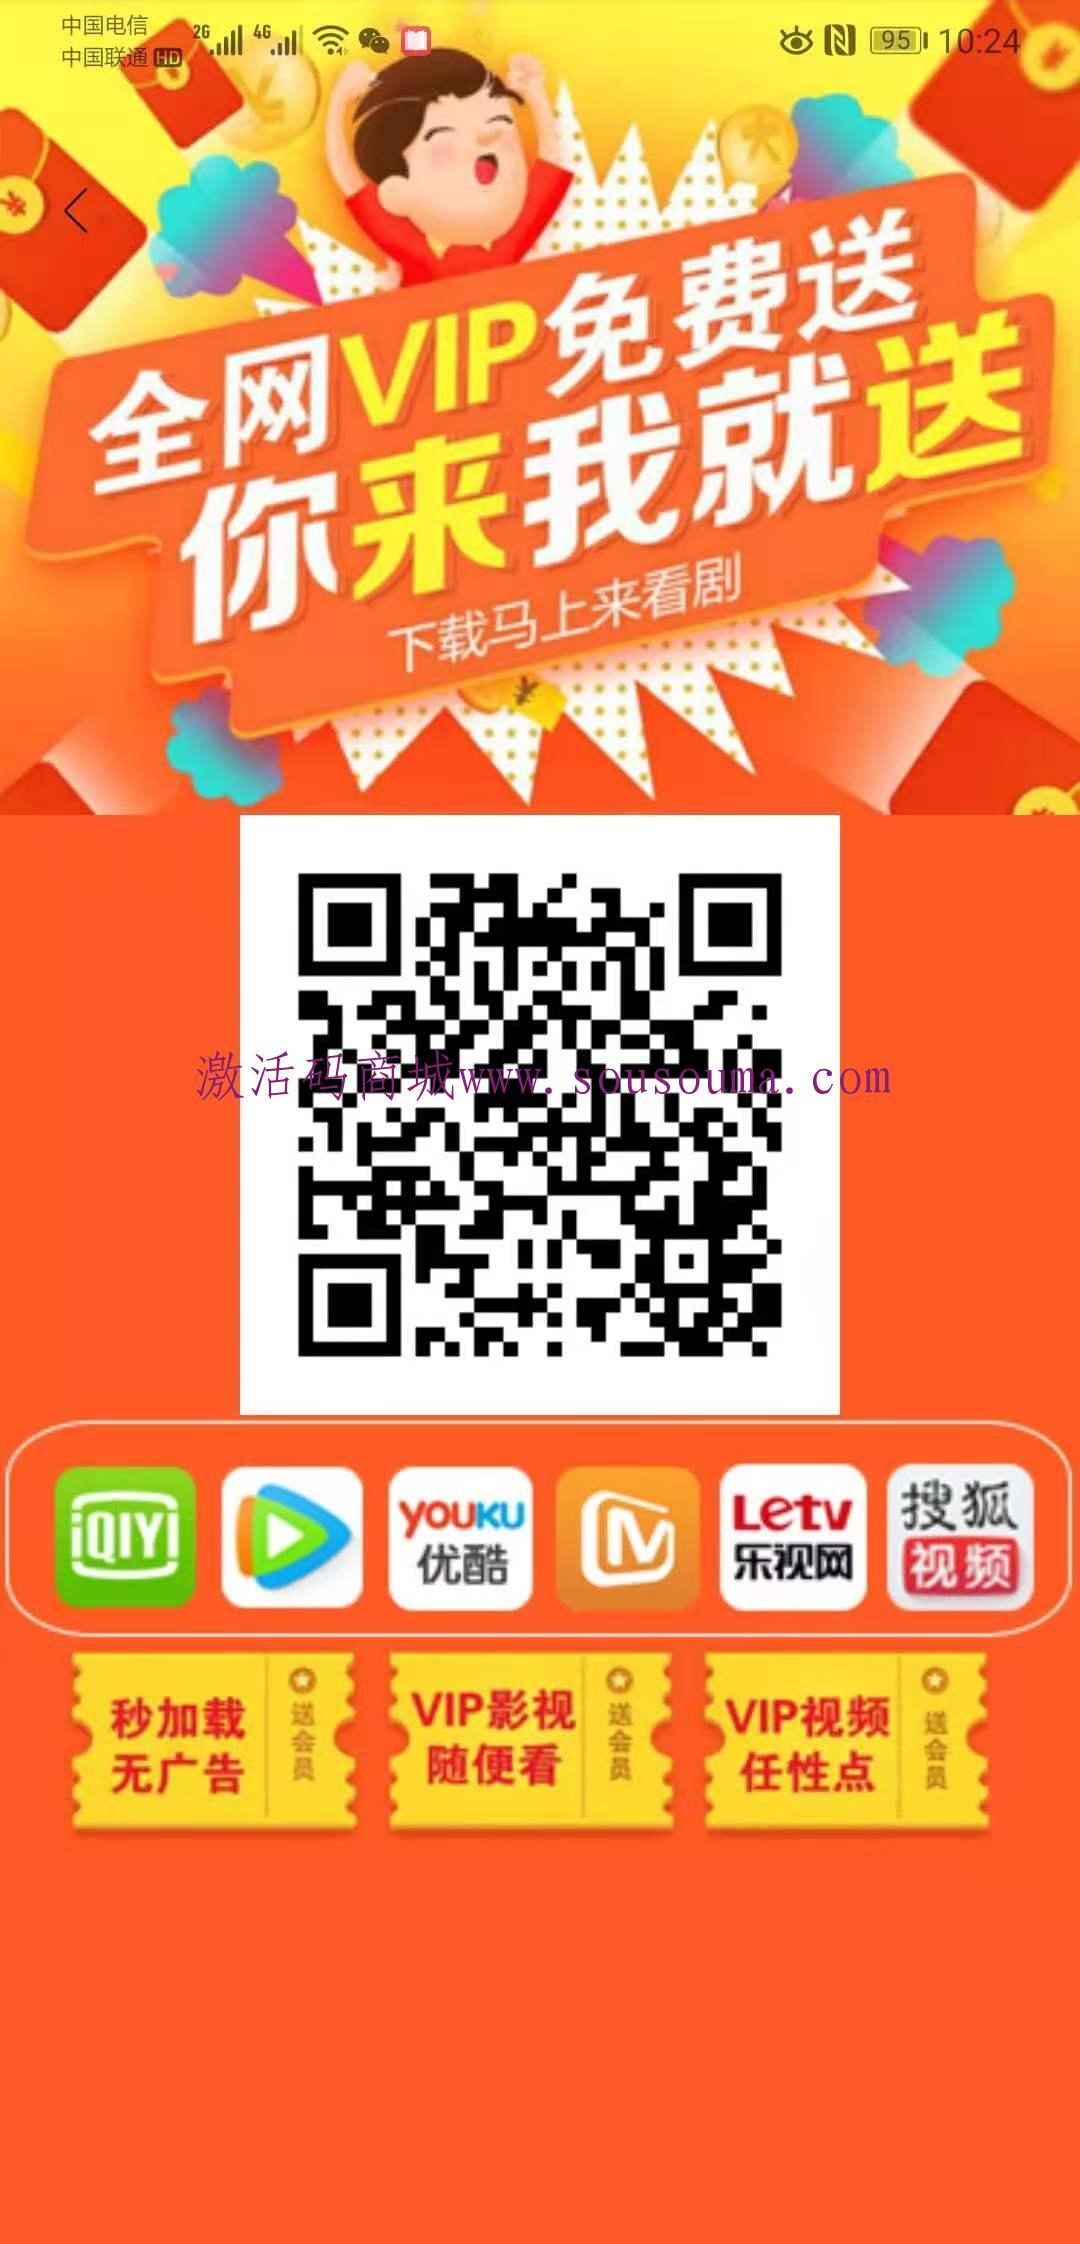 【一米影视官网】全网VIP视频免费看高清无广告激活码授权